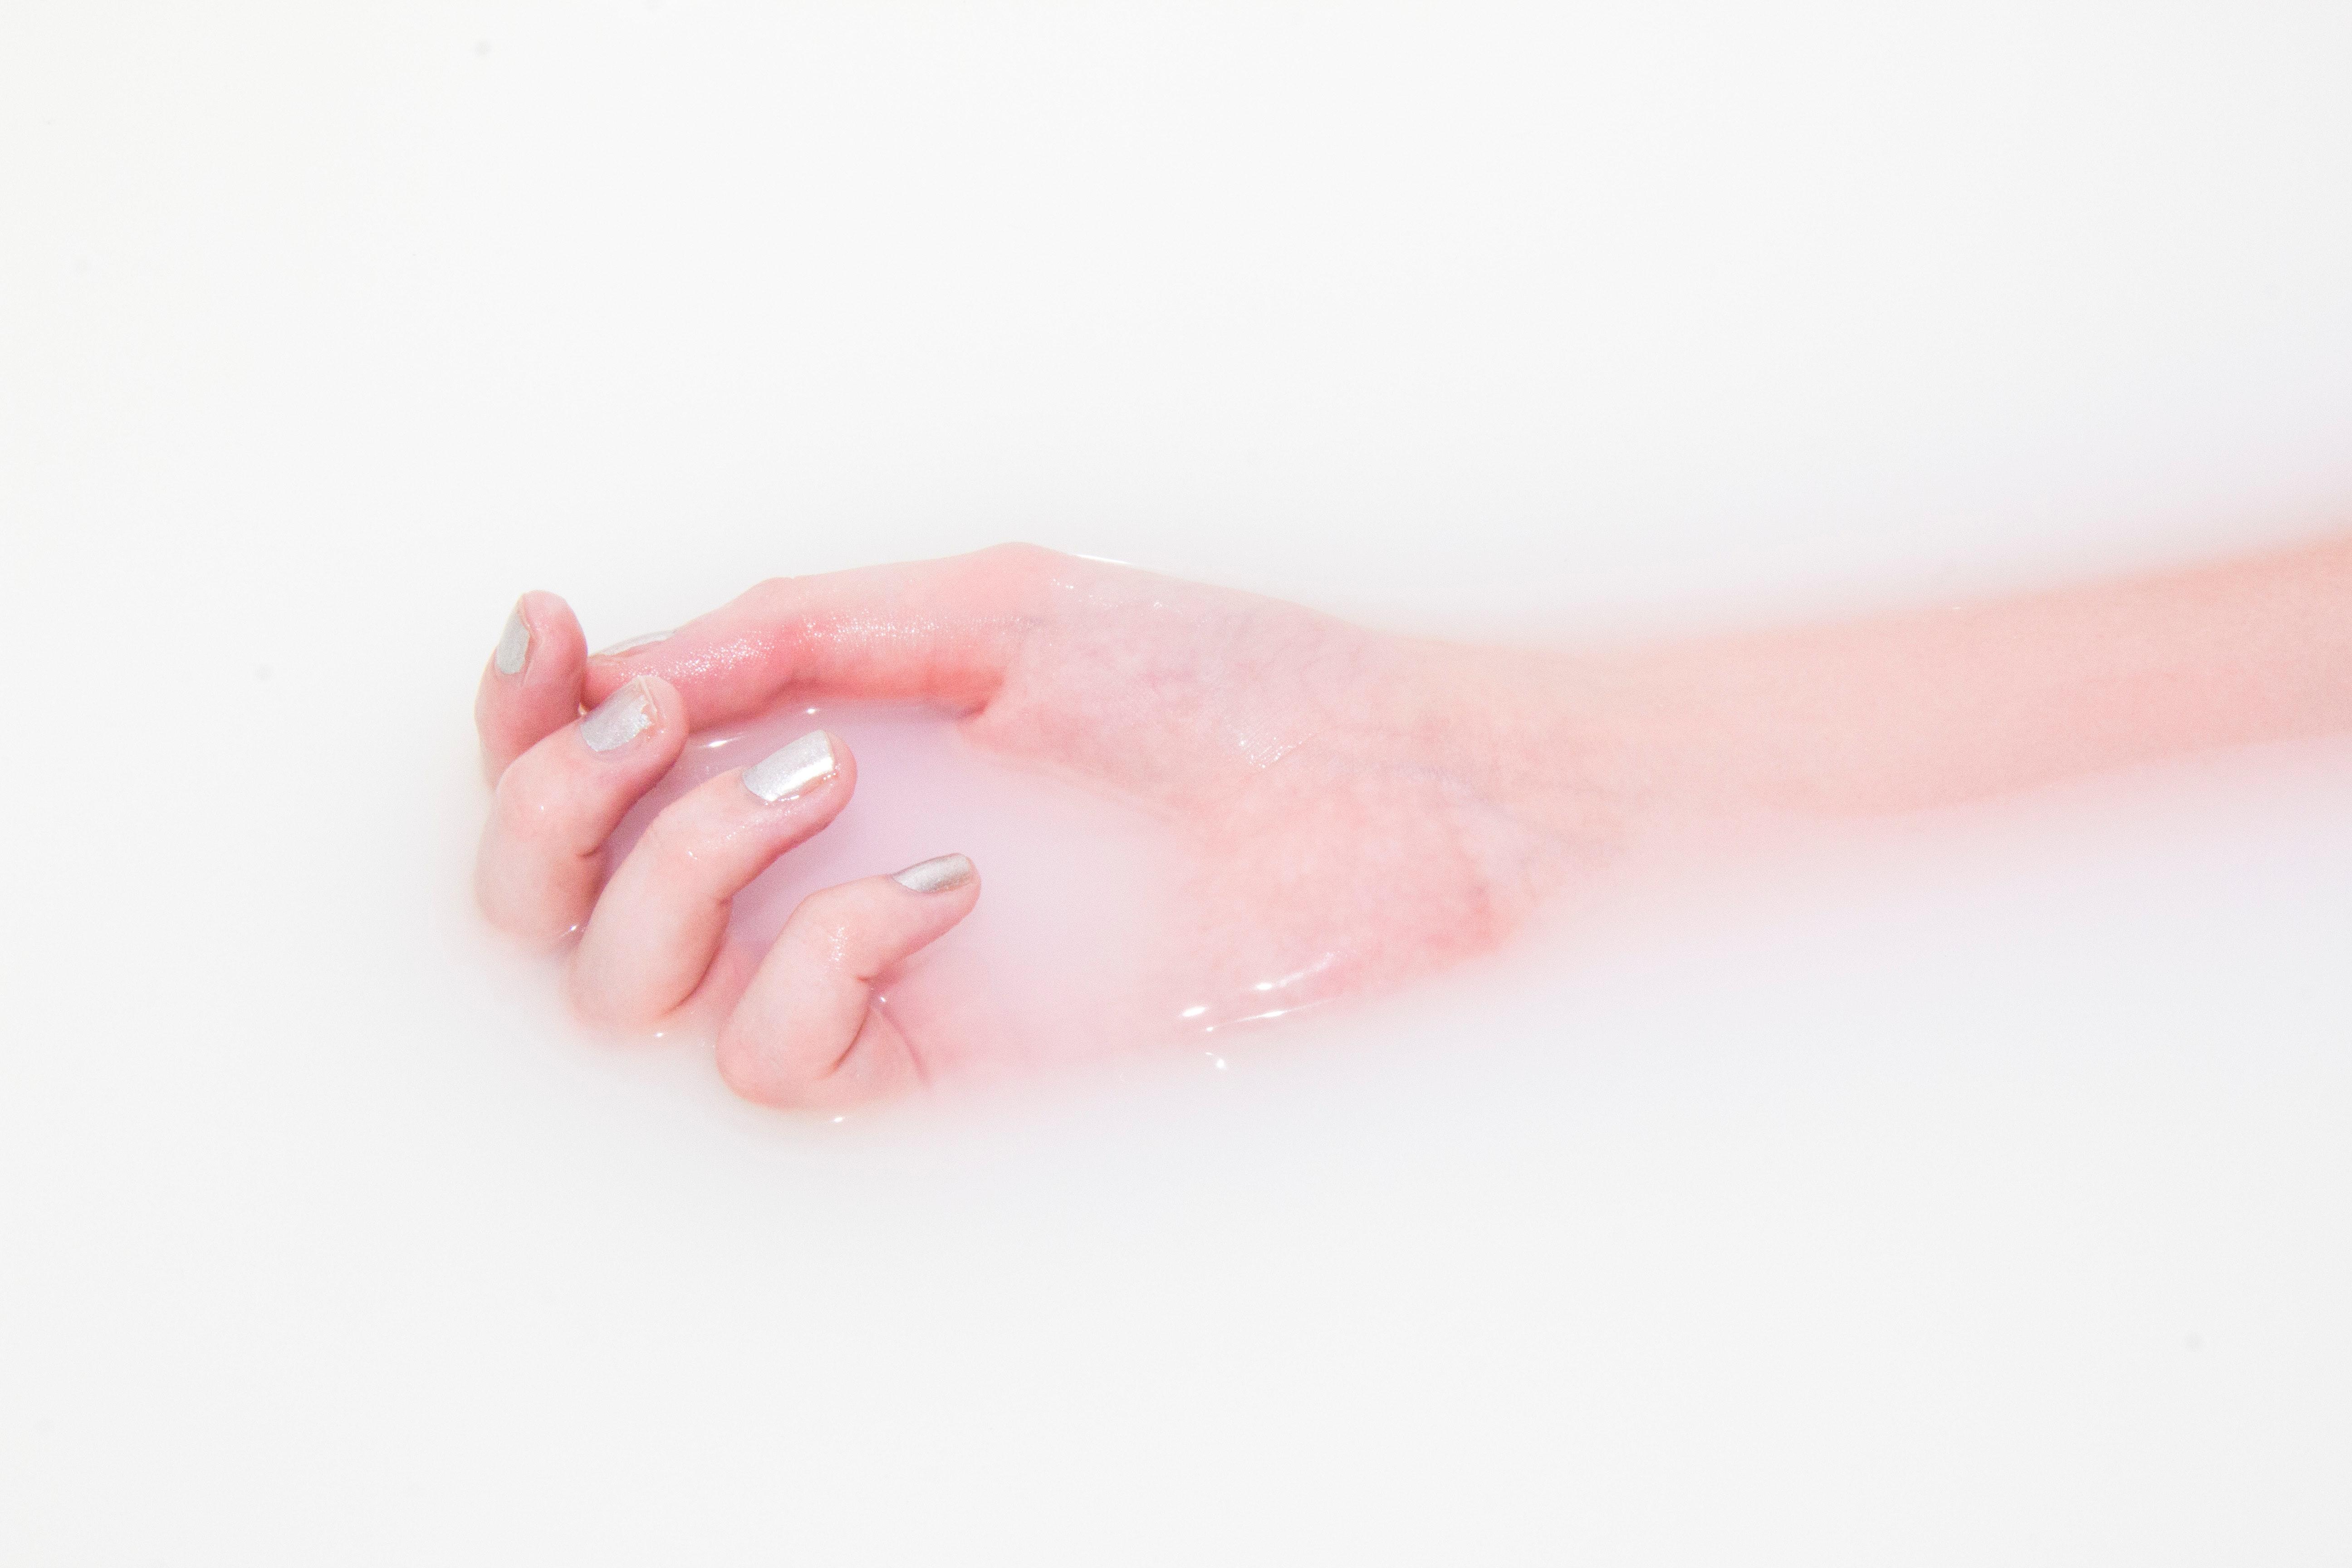 Dermocosméticos hidratantes e cicatrizantes, como a água termal, pantenol, ureia e vitamina B5 minimizam o ressecamento